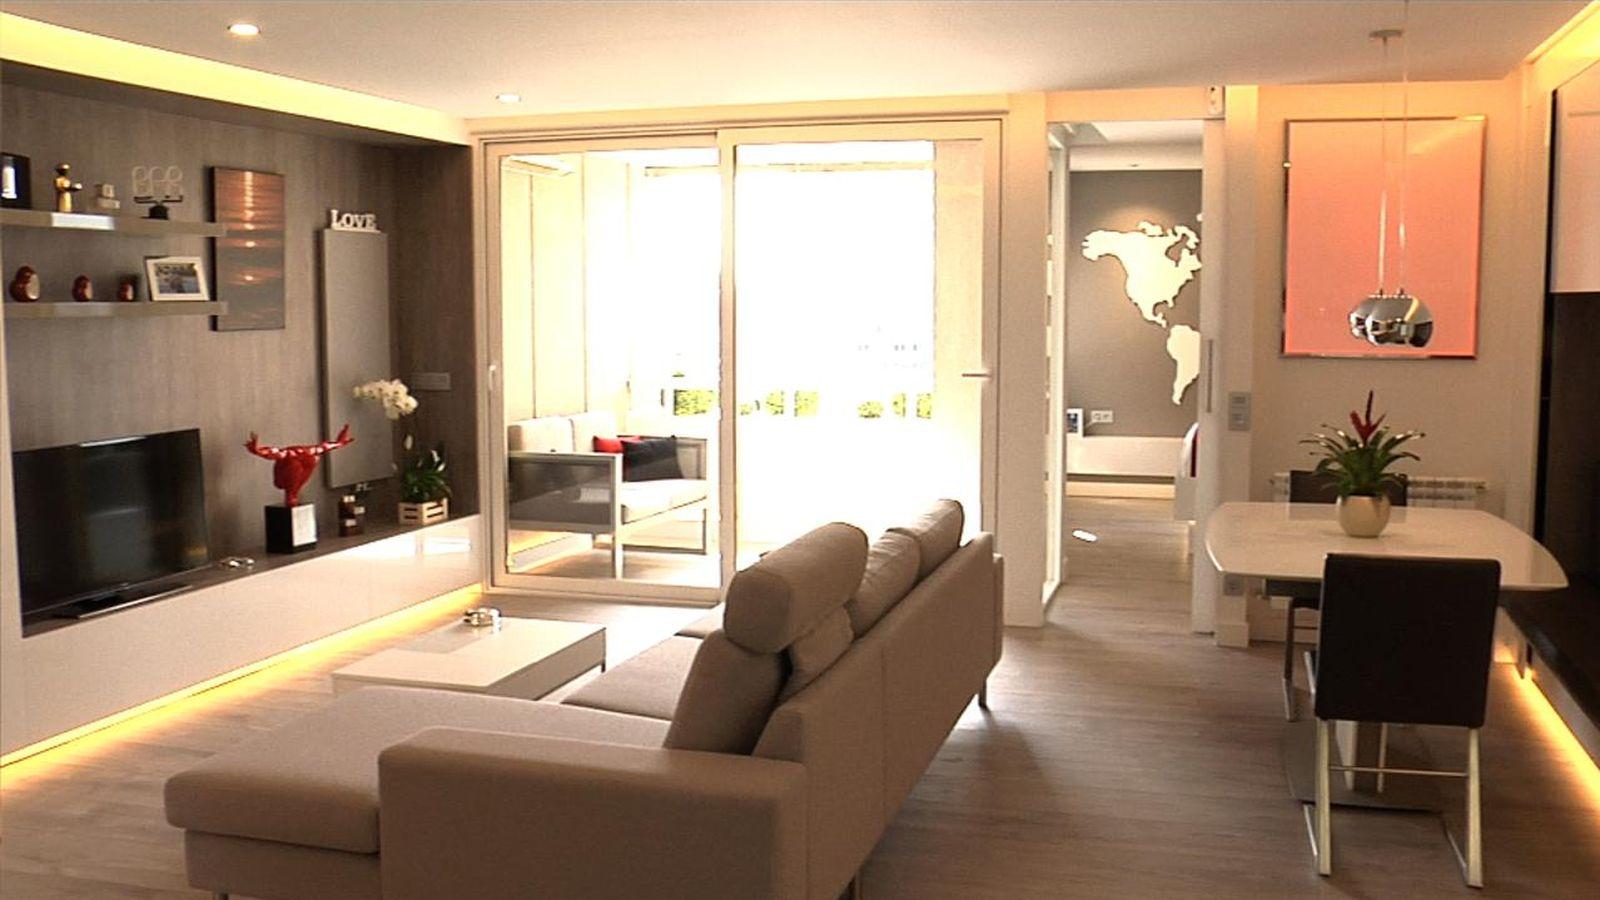 Comprar casa un 10 m s barato invertir en la for Donde amueblar un piso barato